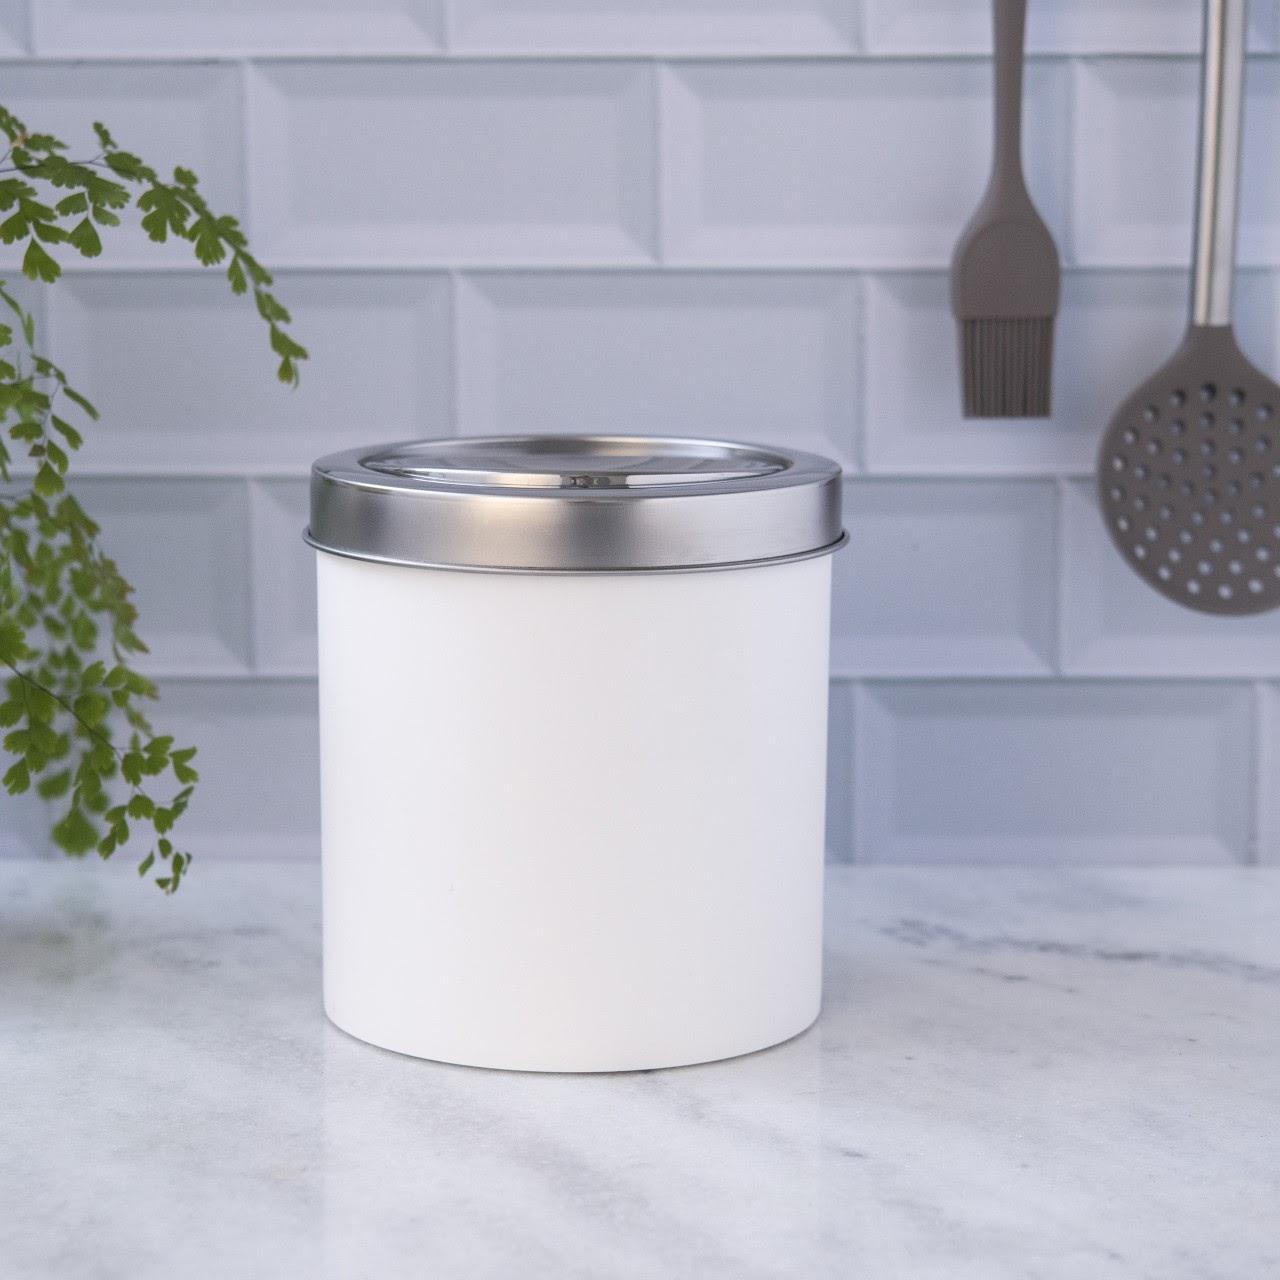 Lixeira basculante Decorline na cor branca. Está em cima de uma bancada da cozinha.